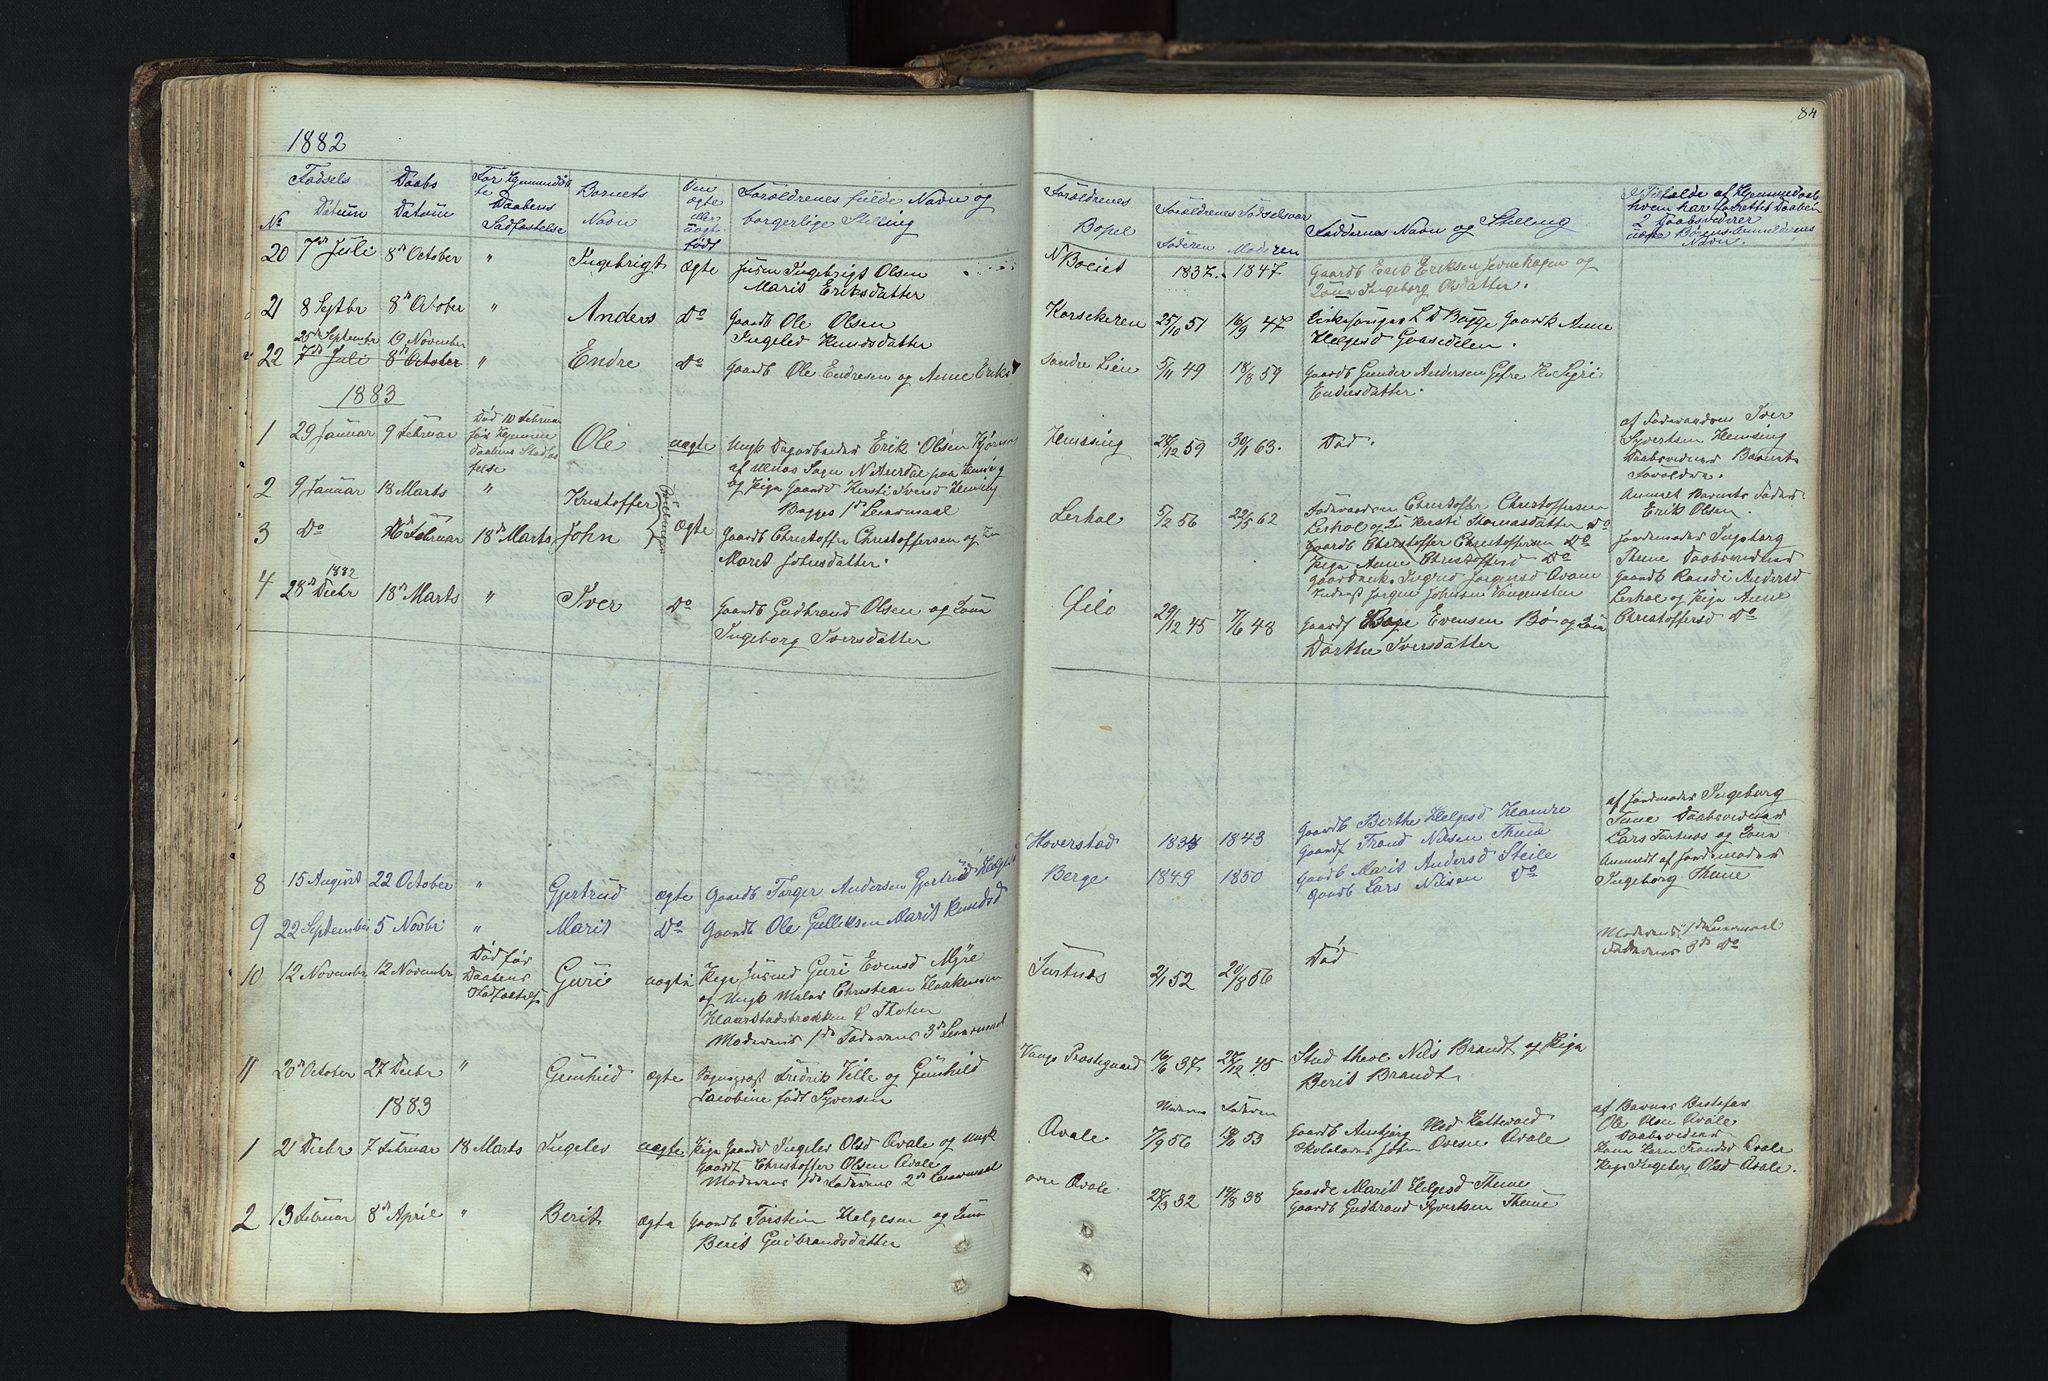 SAH, Vang prestekontor, Valdres, Klokkerbok nr. 4, 1835-1892, s. 84